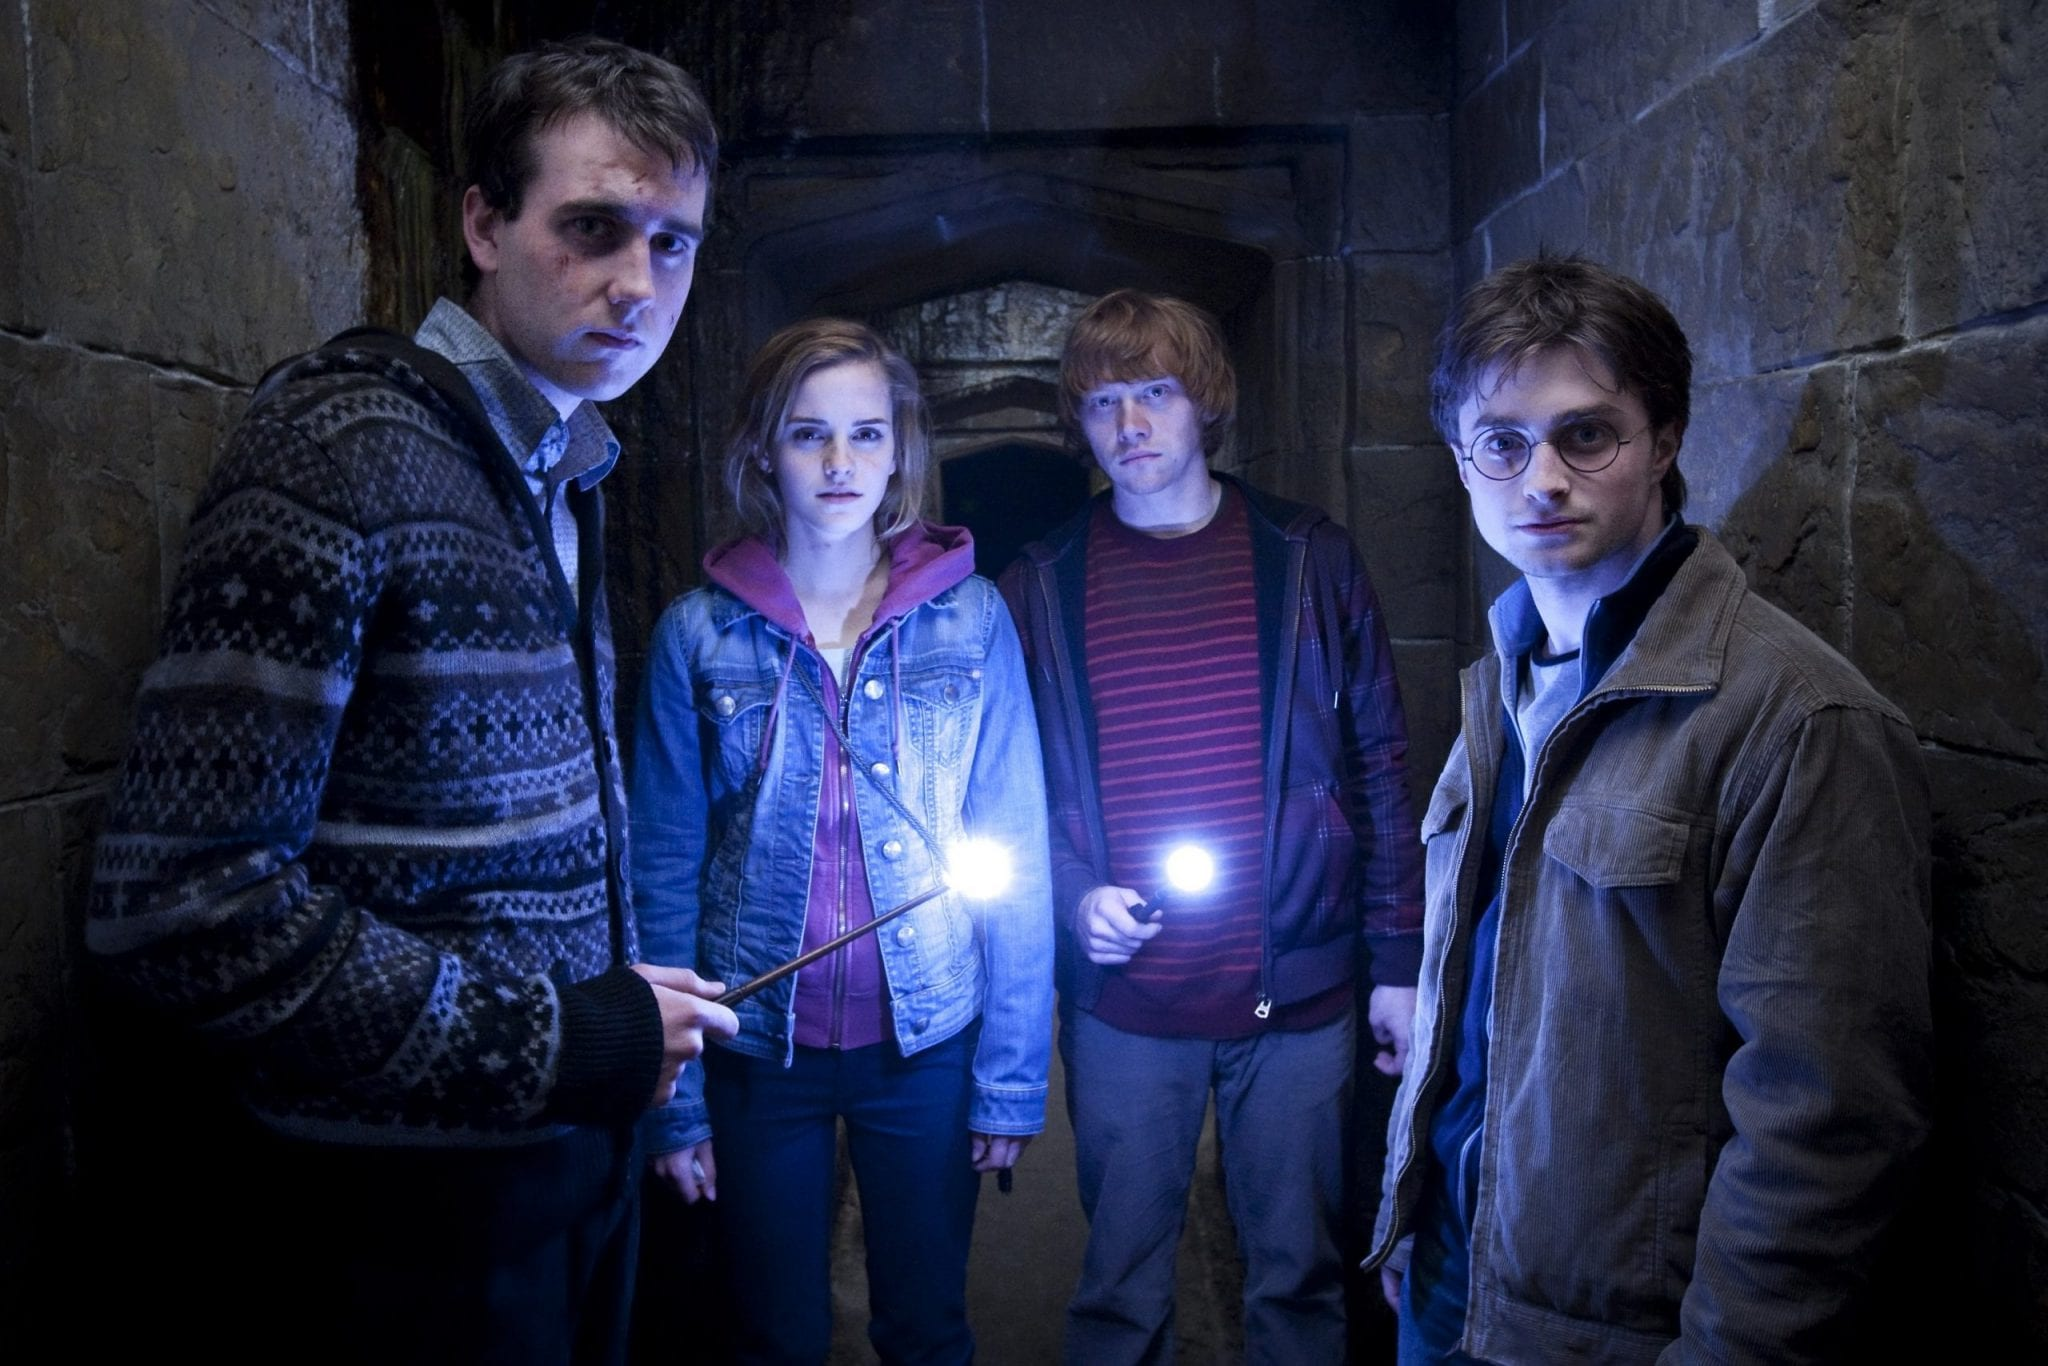 Il fenomeno letterario Harry Potter, di J.K. Rowling, attualmente in onda su canale5, arriva nelle nostre case grazie a un click su Amazon